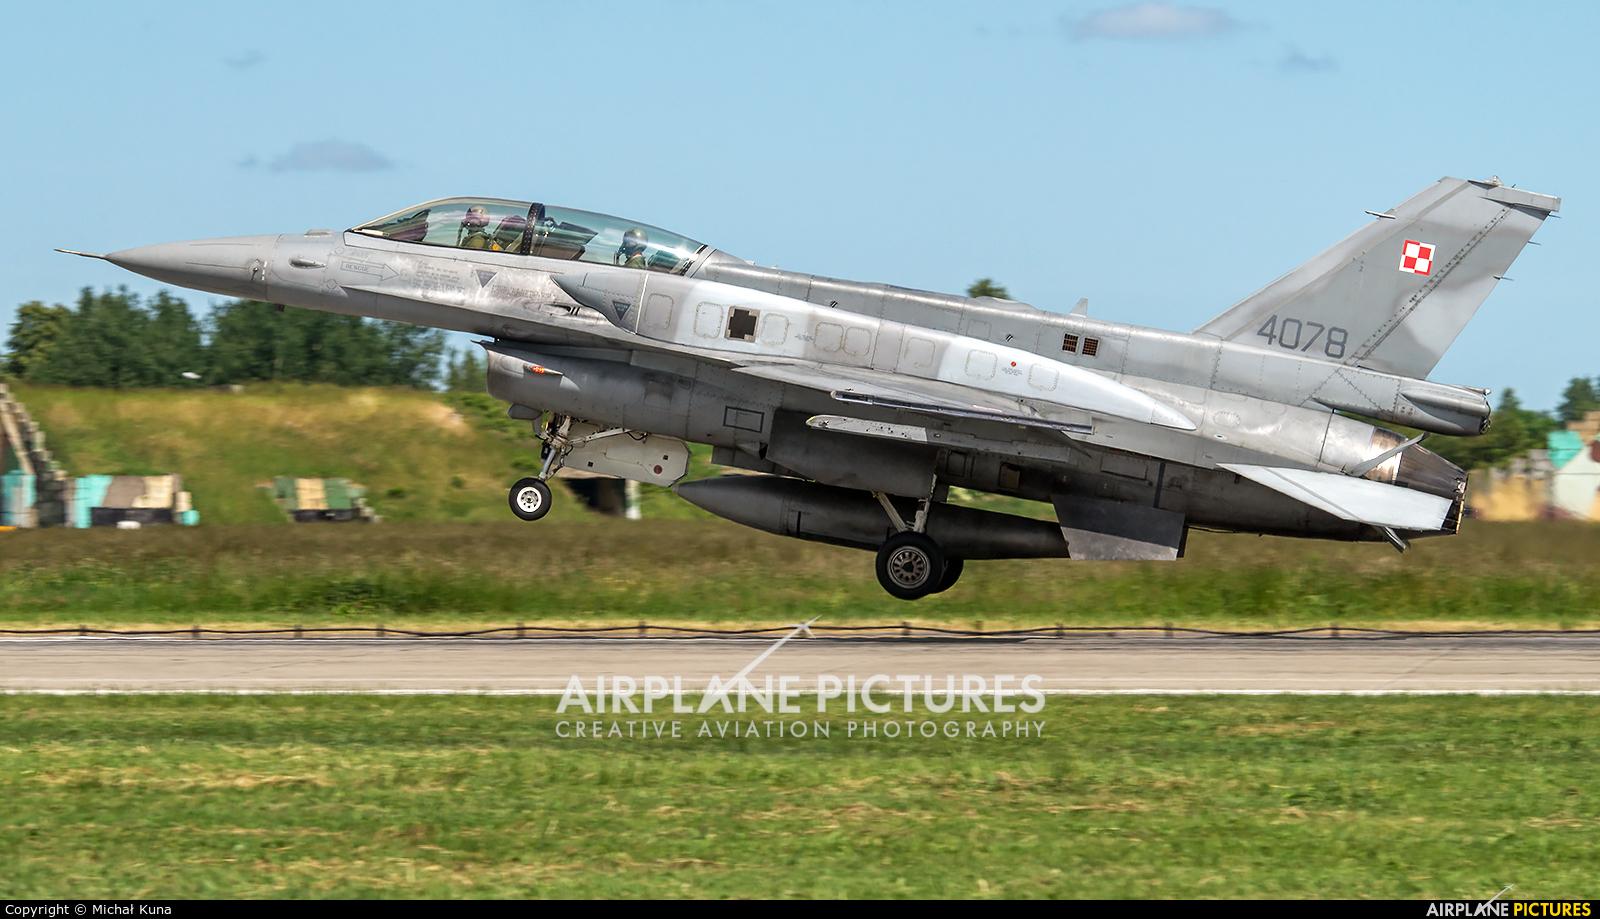 Poland - Air Force 4078 aircraft at Malbork